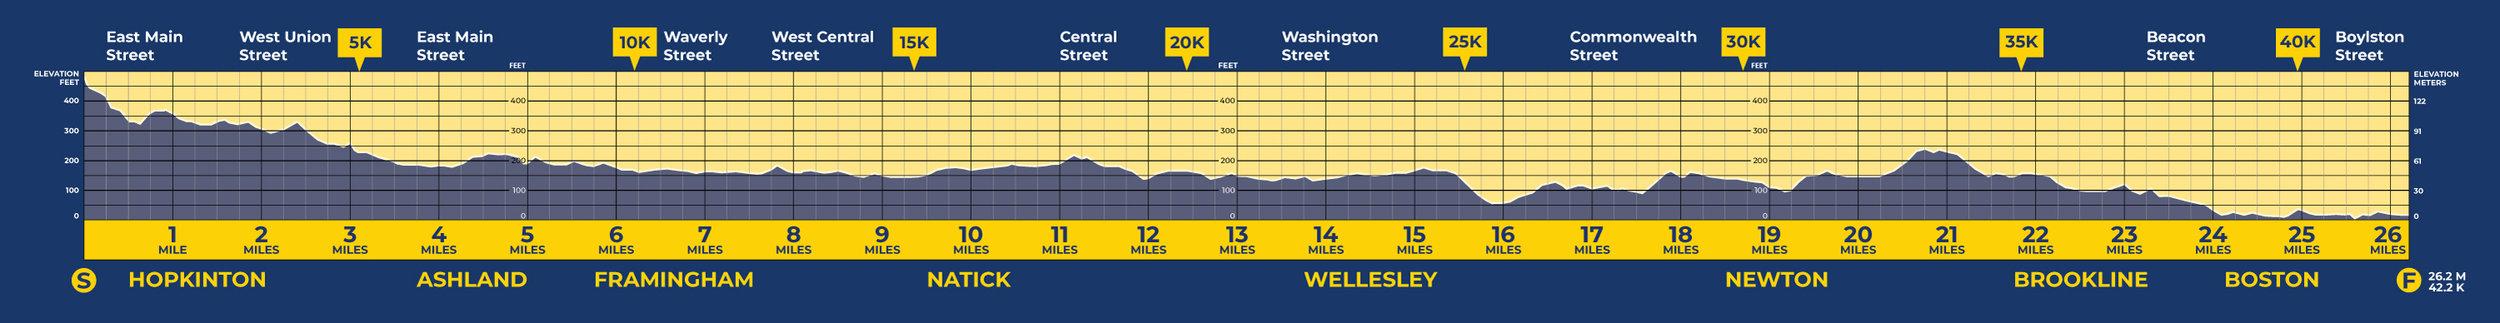 Source:  BAA Boston Marathon